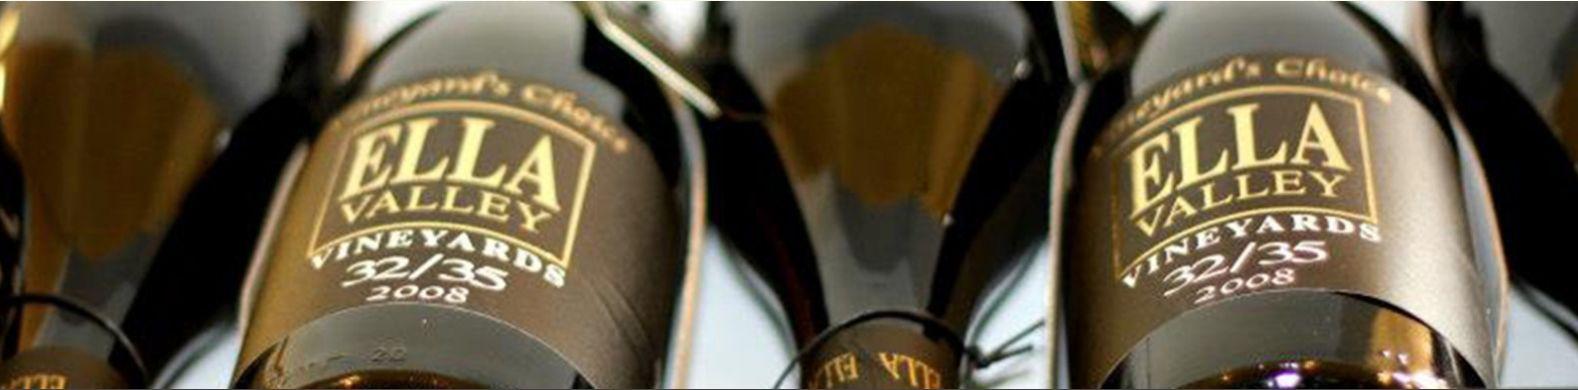 בראש אתר היקב מככב יין שעשה דורון רב הון - גם זו אמירה